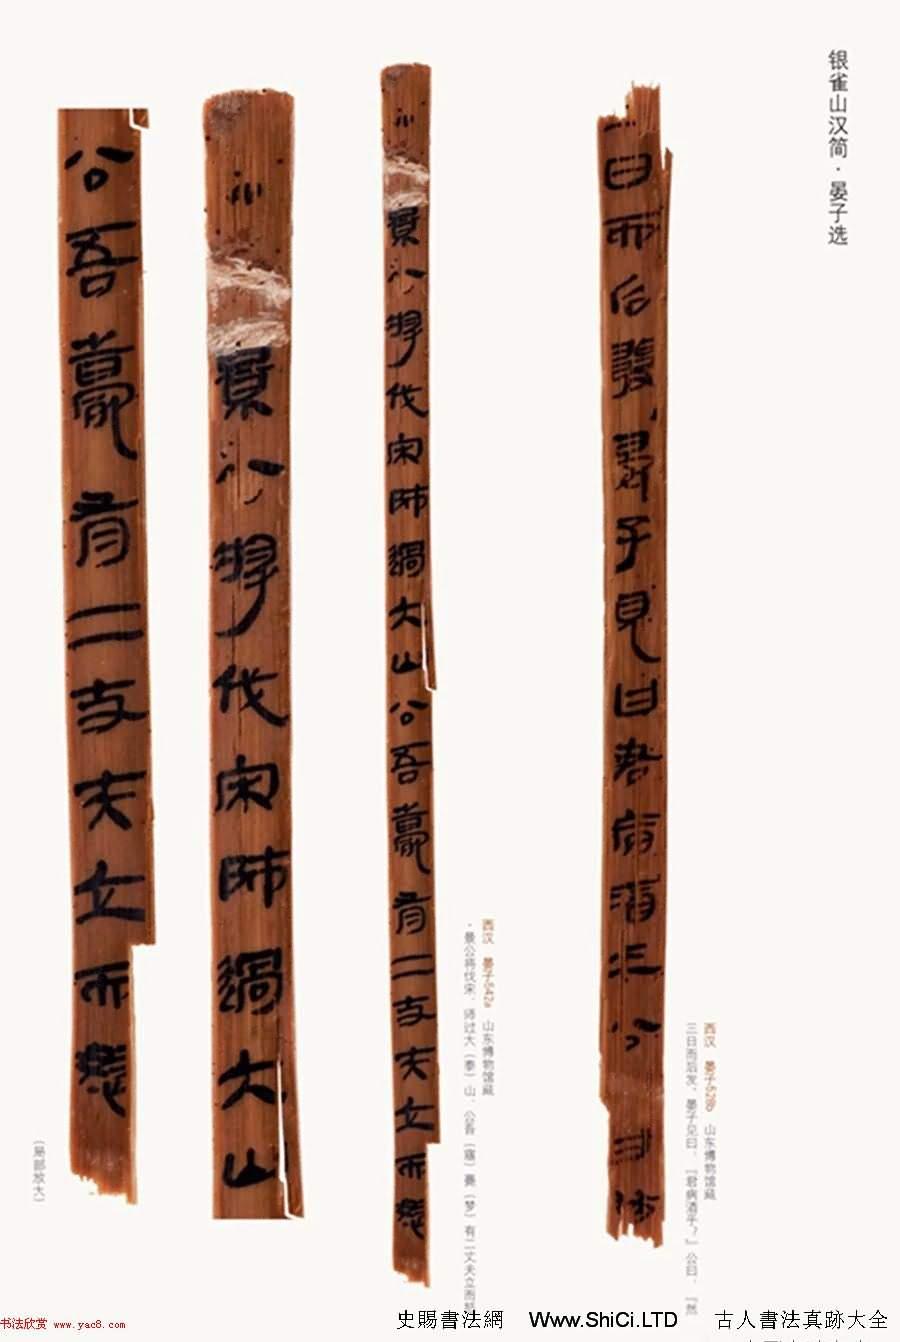 漢簡墨書《銀雀山漢墓竹簡》彩色圖版